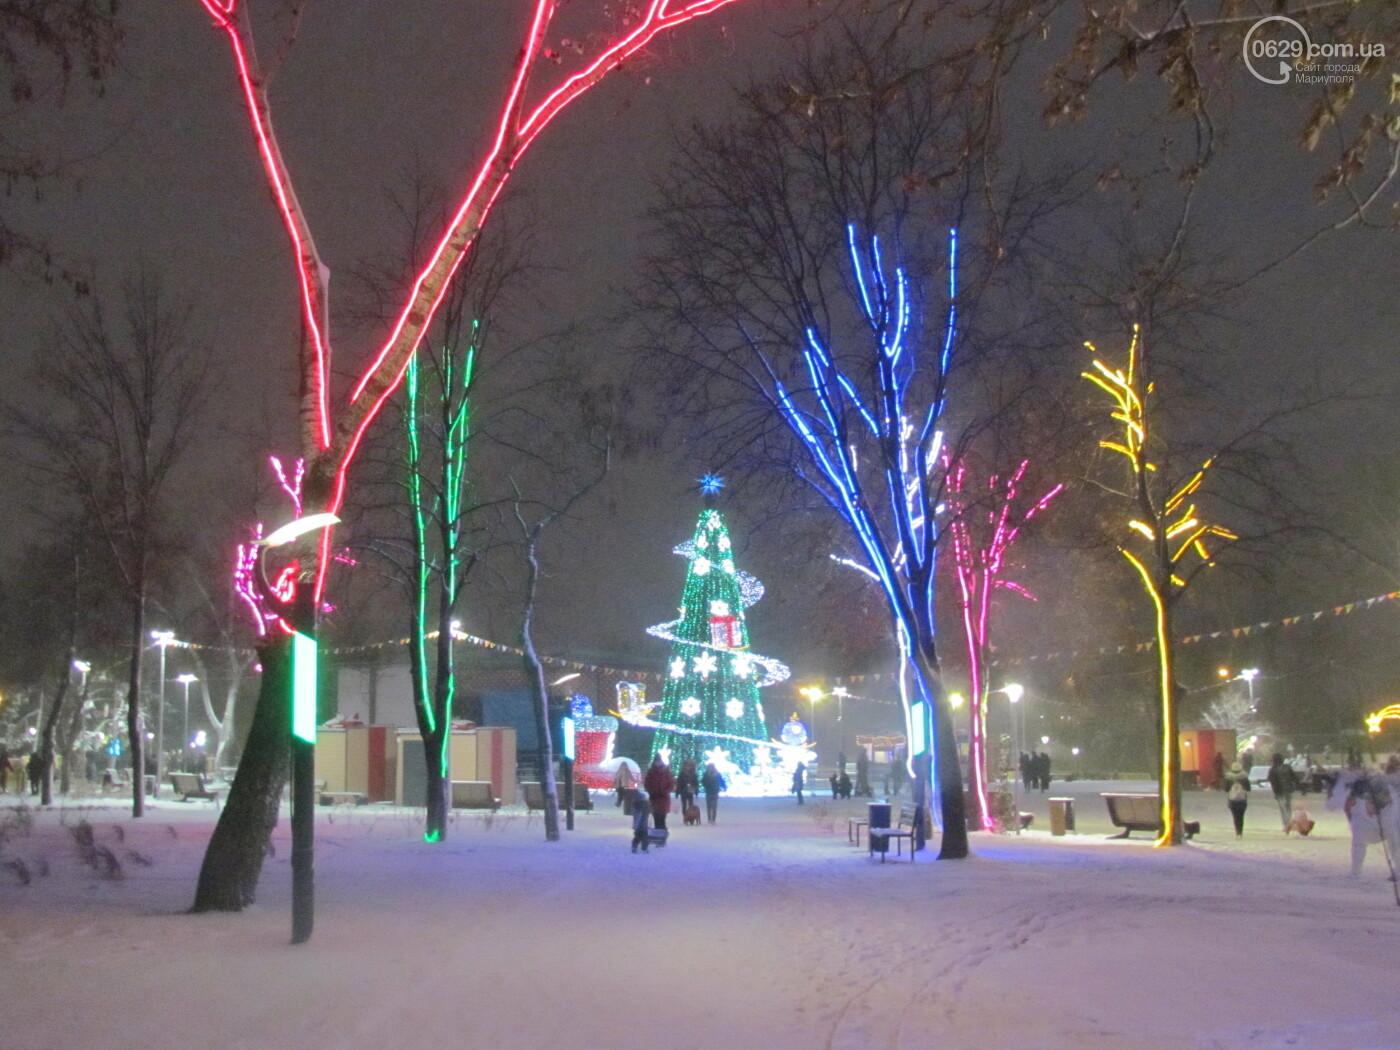 """Яркий футуризм. Как празднуют Новый год в """"Веселке"""", - ФОТОРЕПОРТАЖ, фото-9"""